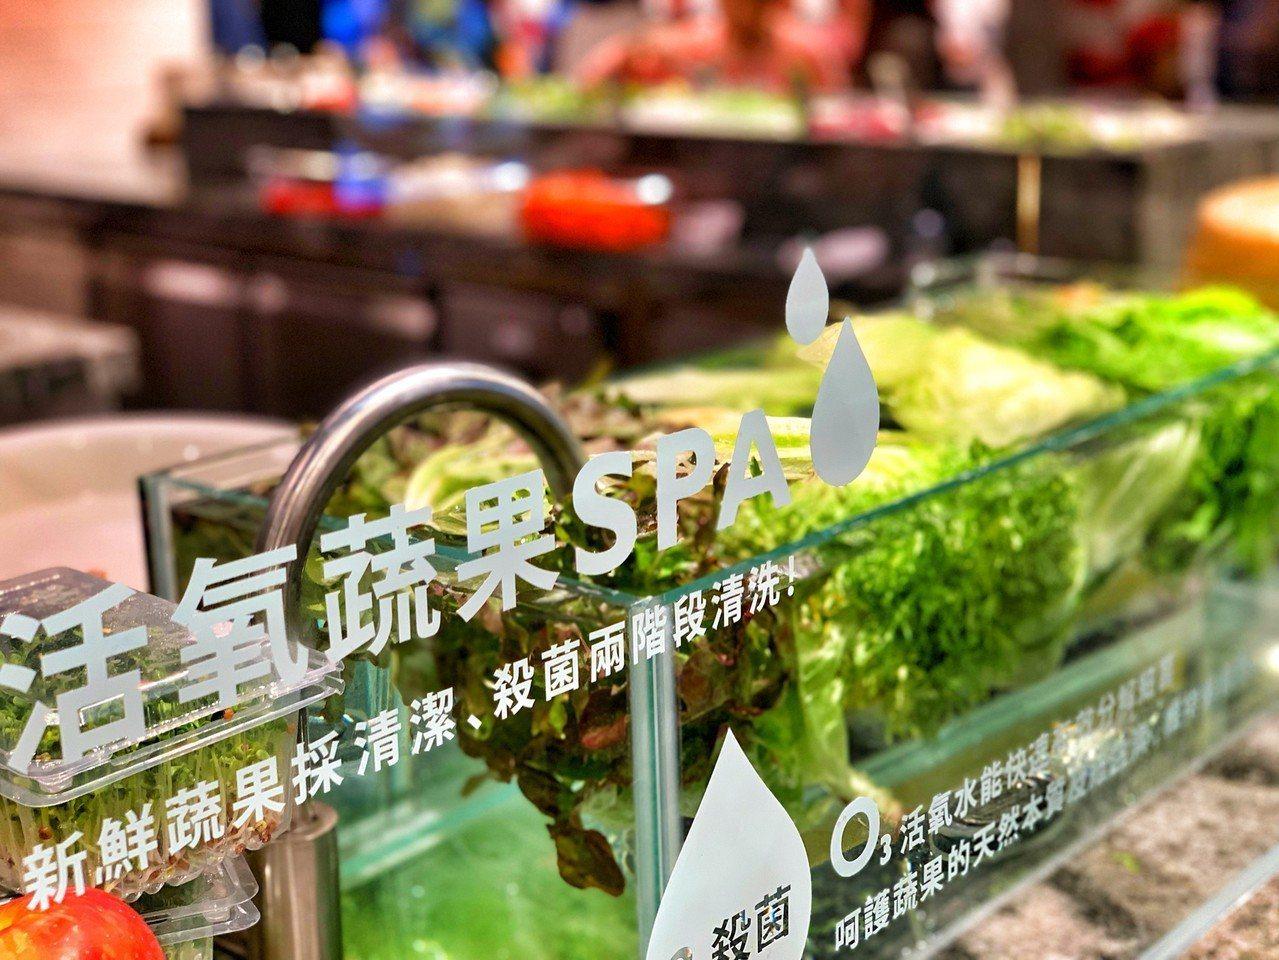 果然匯沙拉區的各色蔬菜,特別用活氧水清洗過,讓消費者吃得健康又安心。 圖/饗賓集...